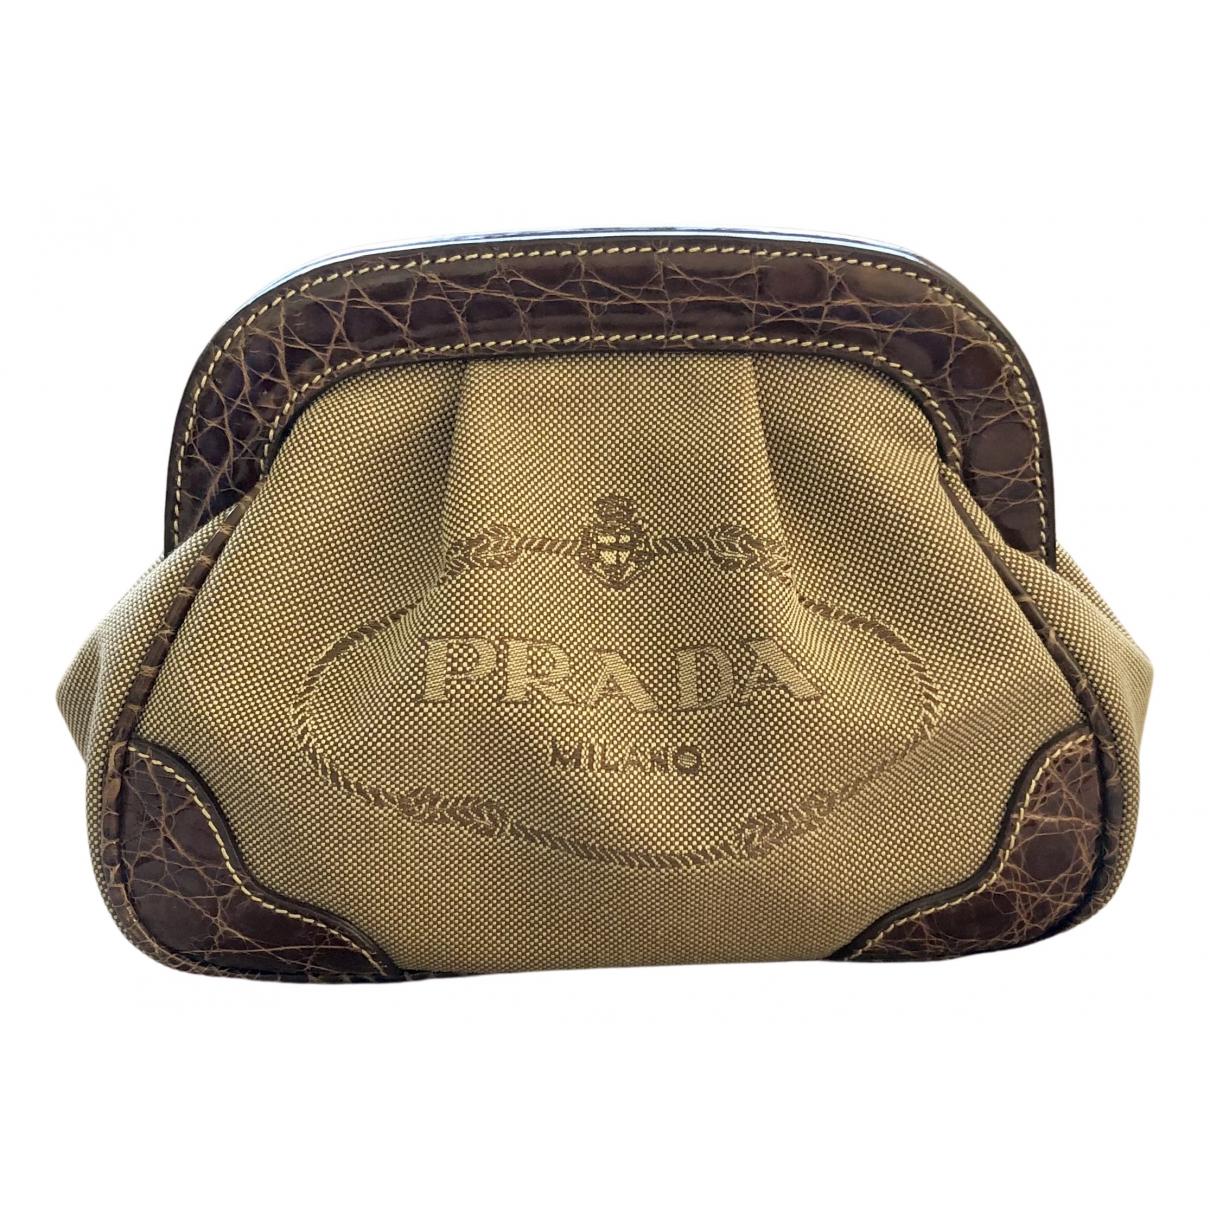 Prada N Beige Cloth Clutch bag for Women N